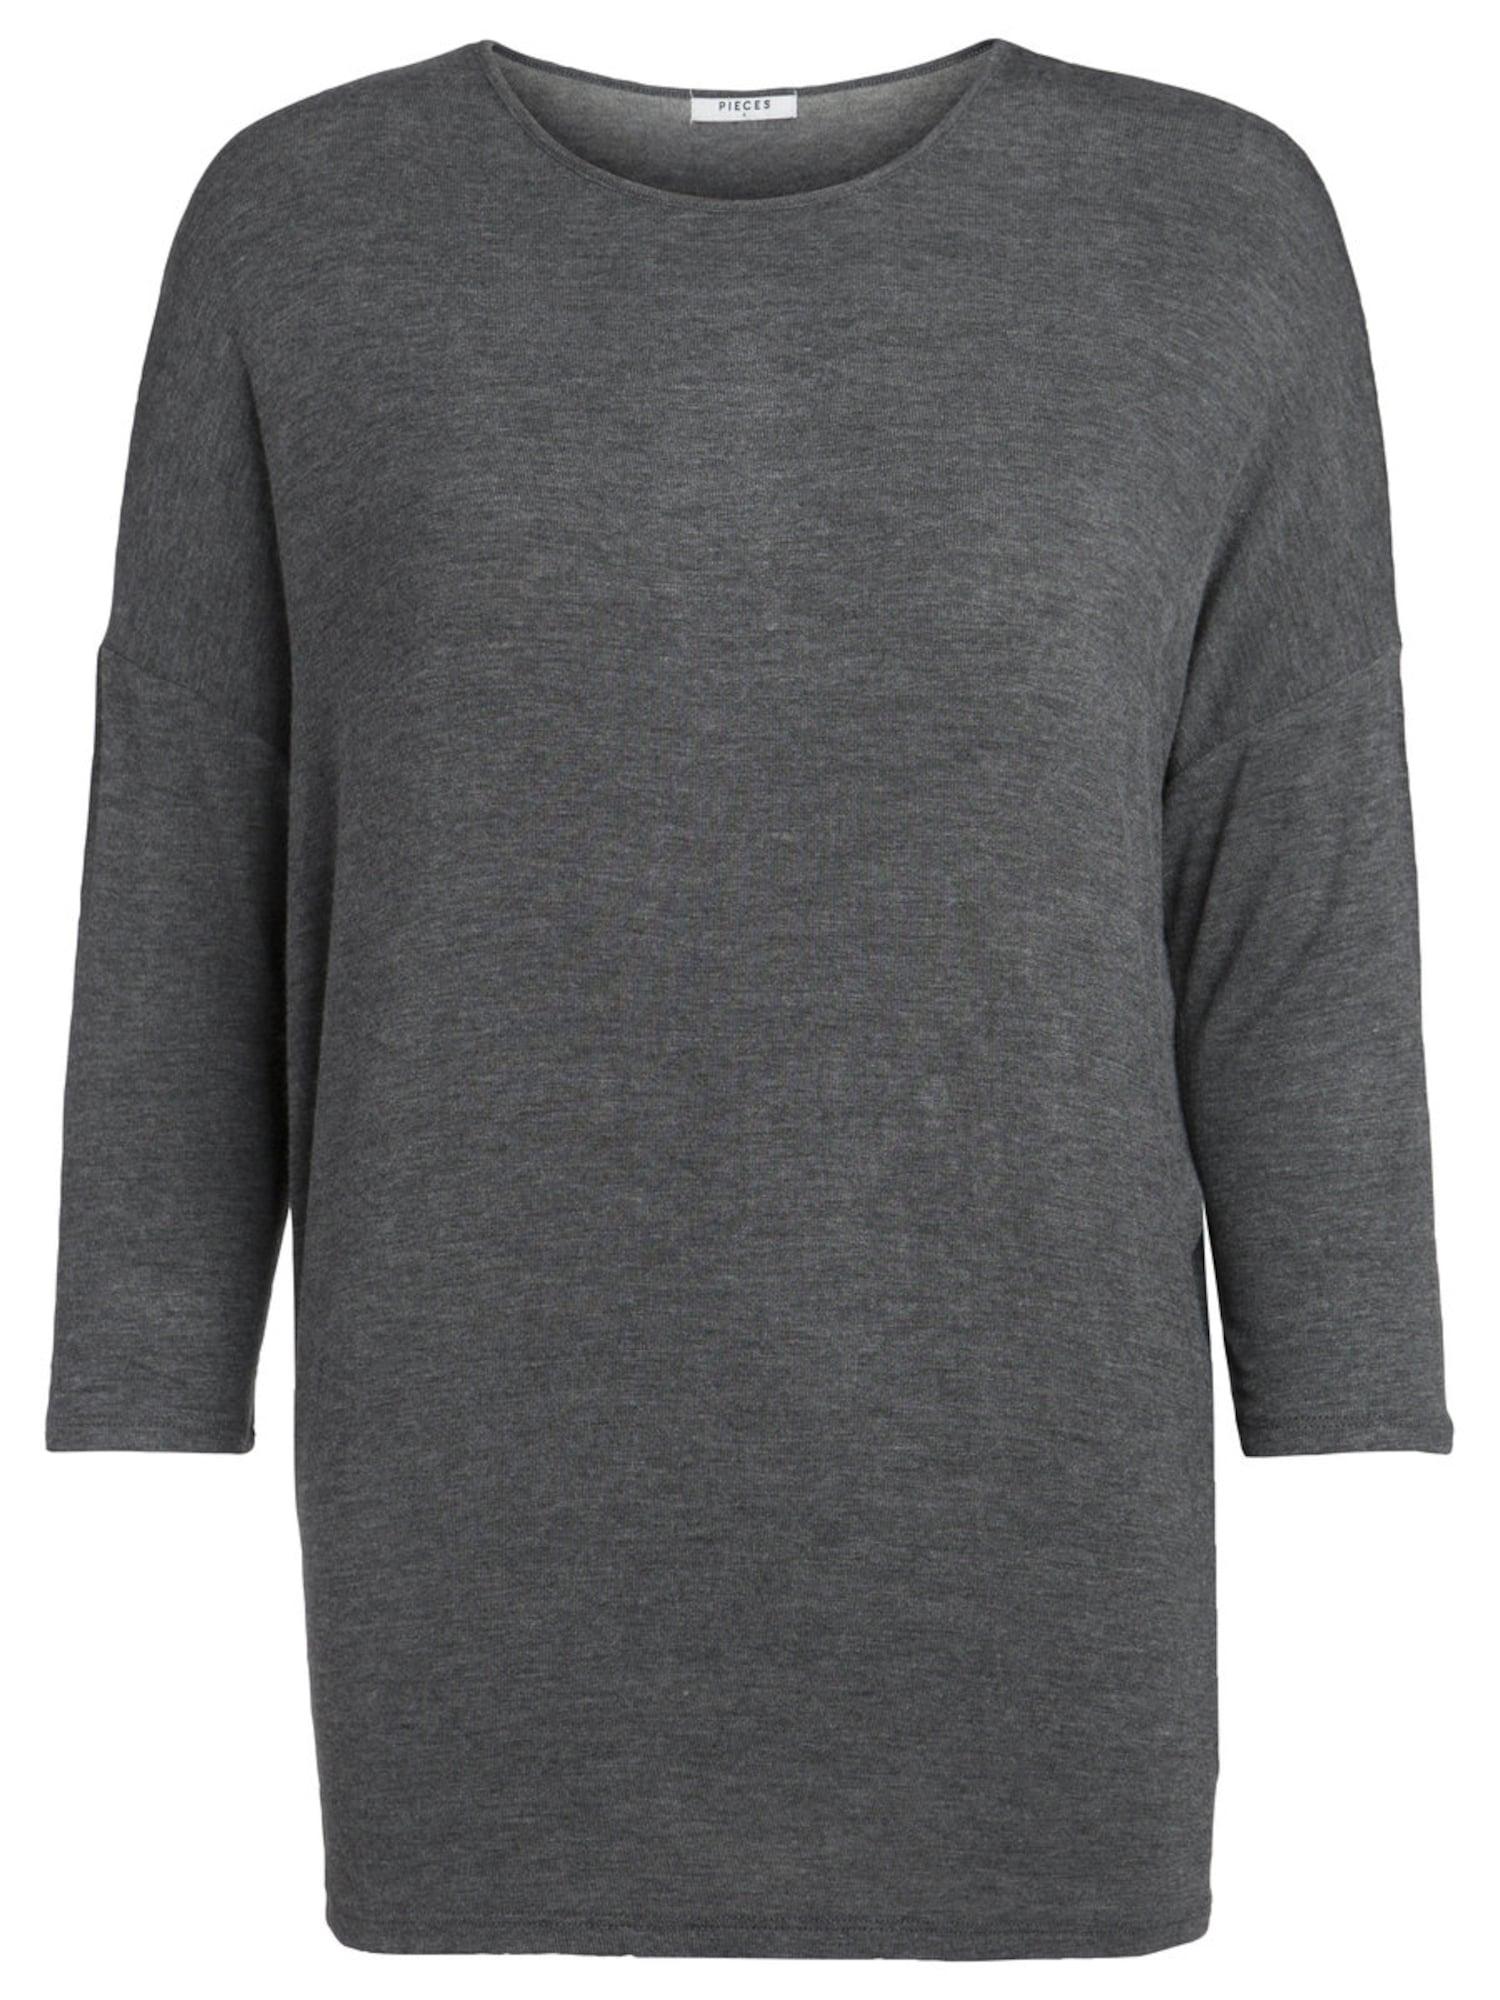 Oversized tričko PCMUSTHAVE NOOS tmavě šedá PIECES